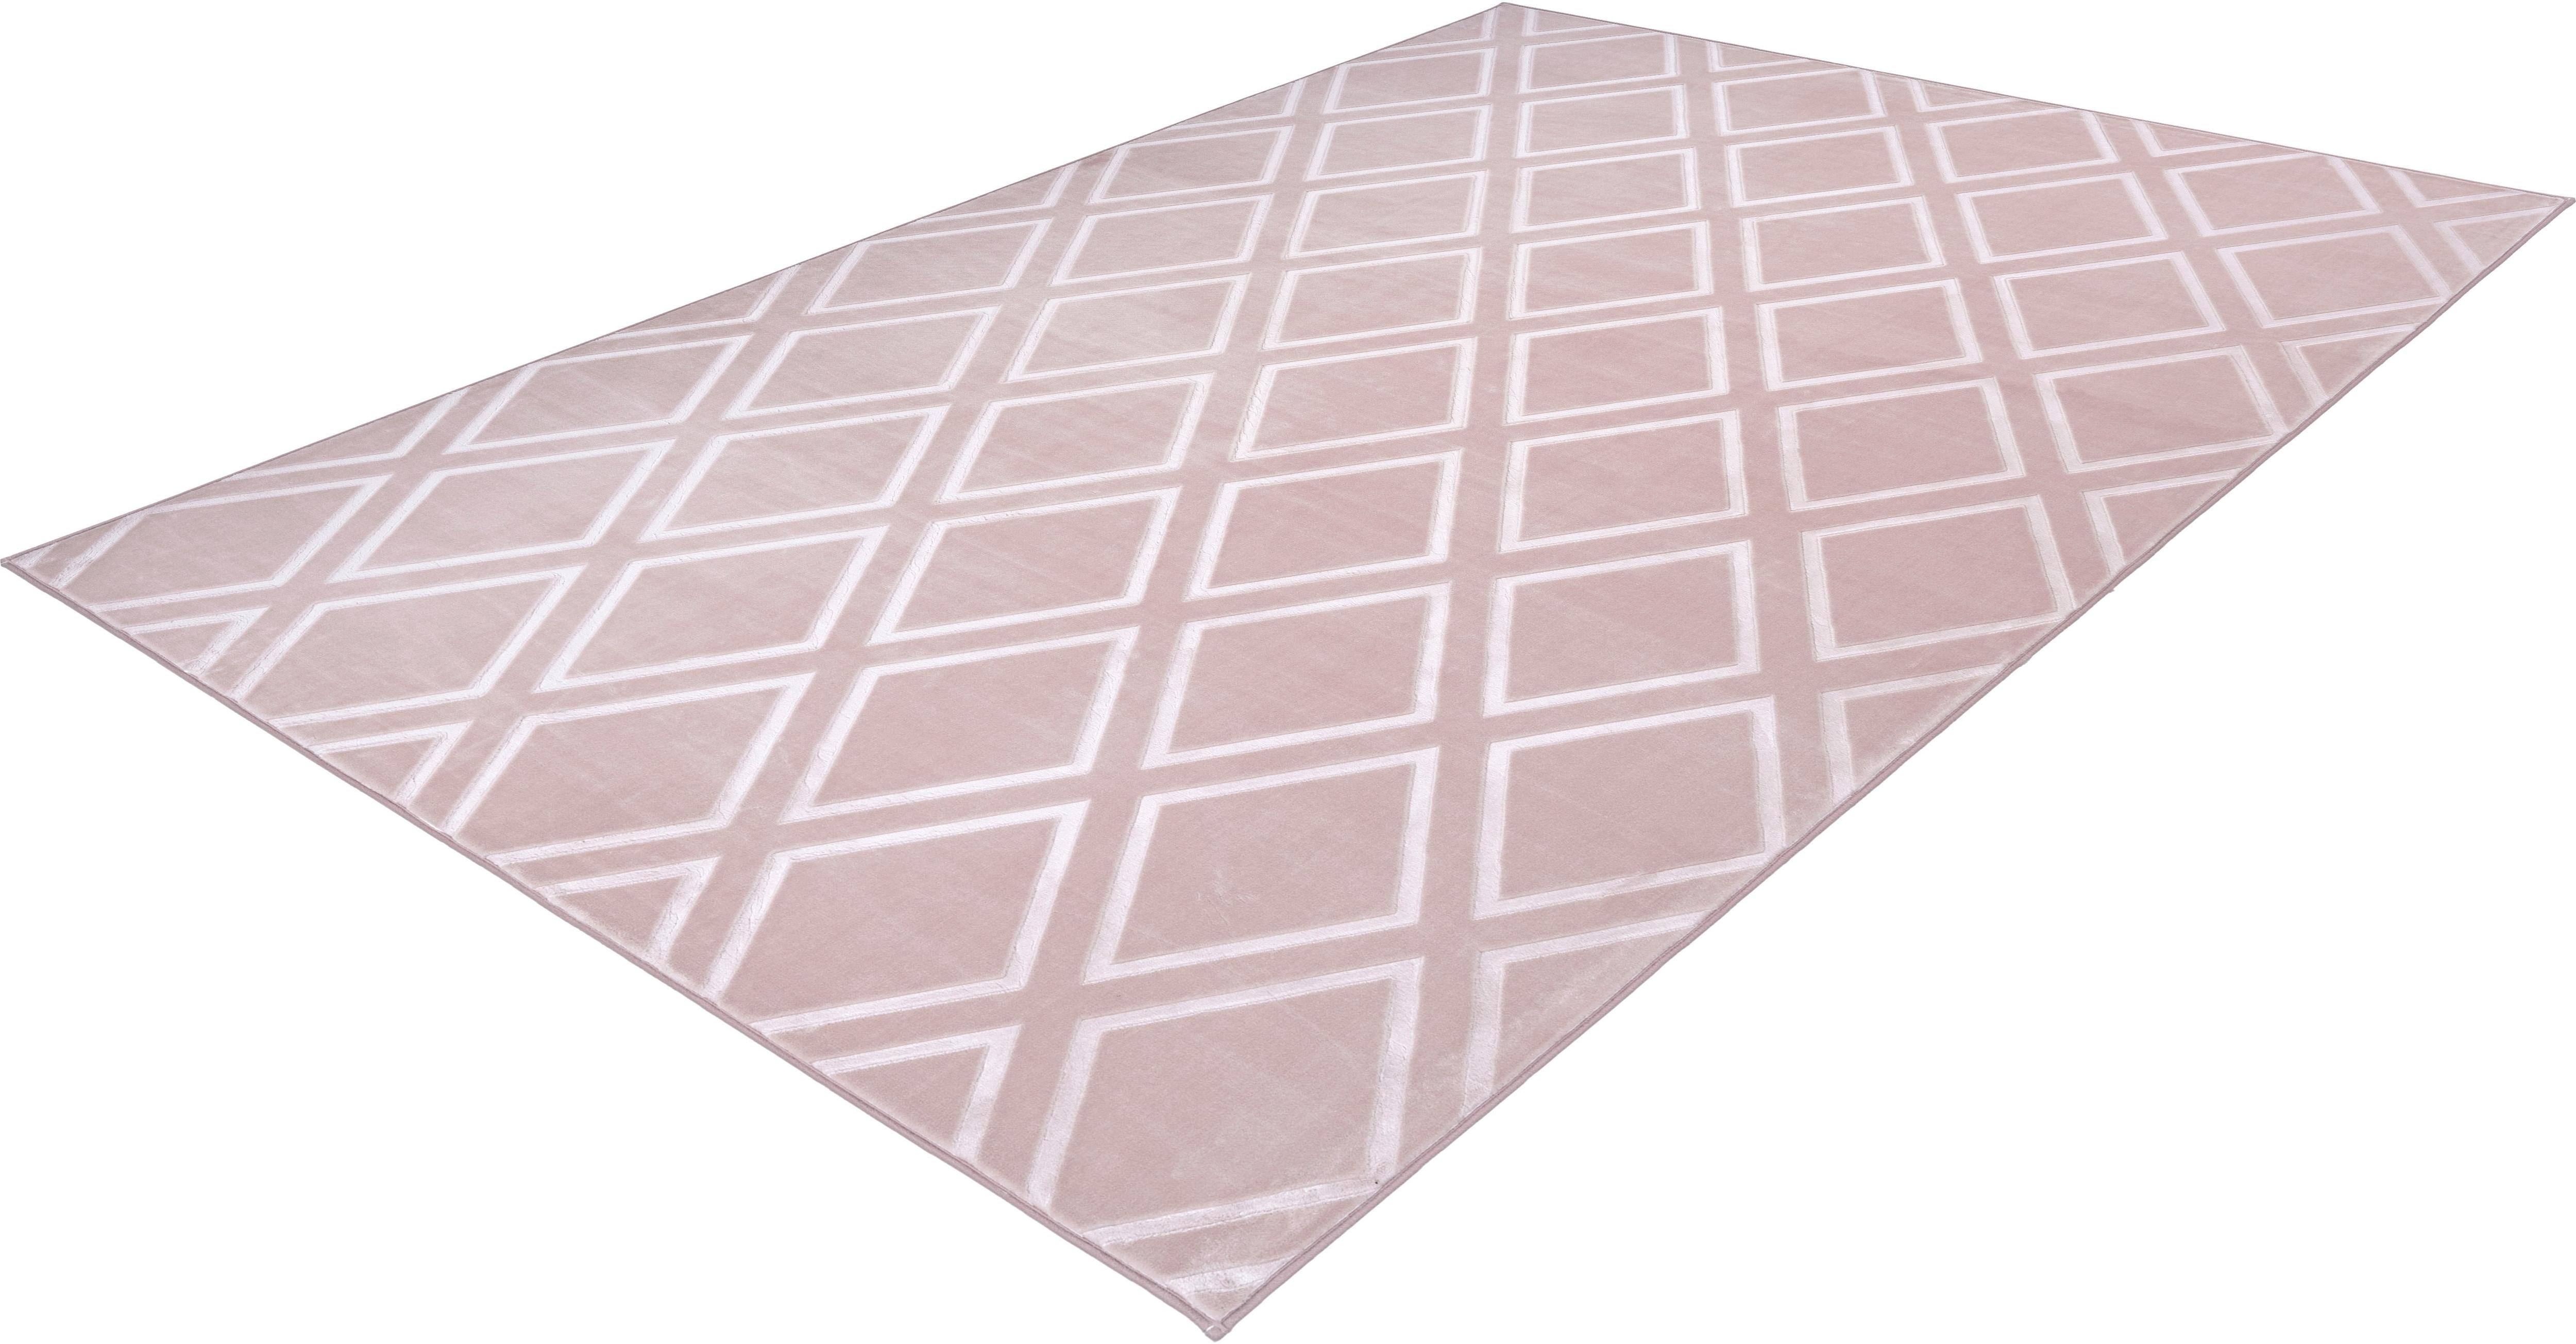 Teppich Ledion Leonique rechteckig Höhe 7 mm